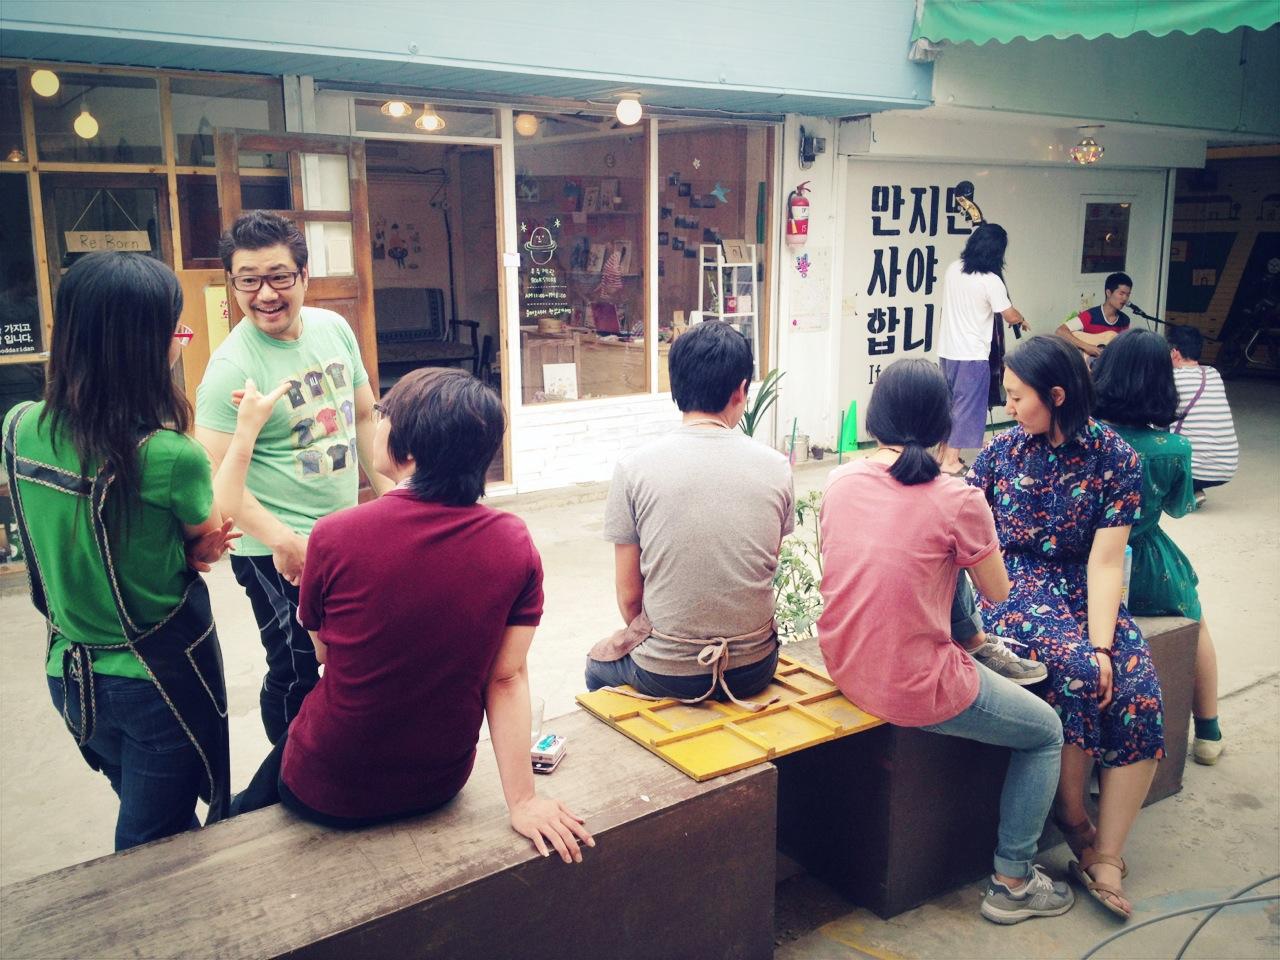 옹기종기 모여있는 전주 남부시장 청년장사꾼들의 모습